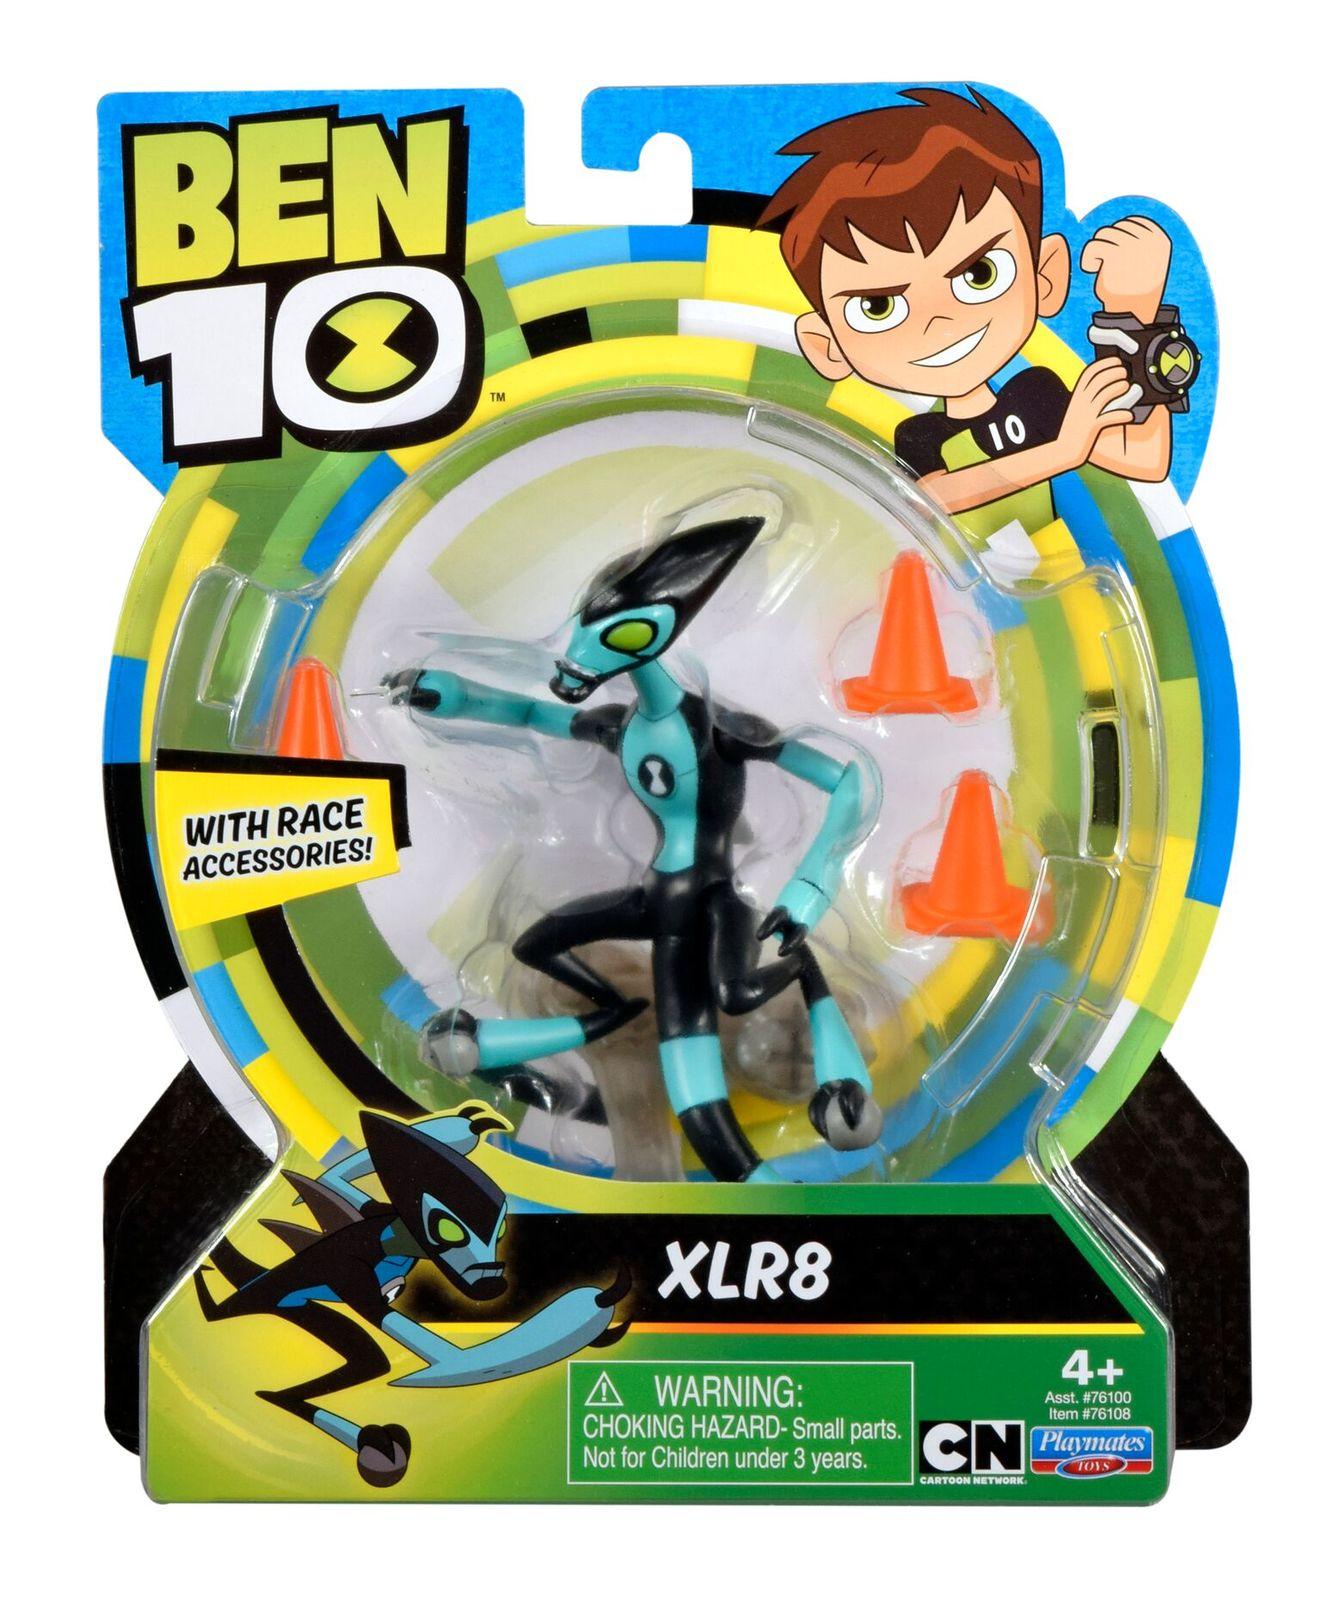 Ben 10: XLR8 image